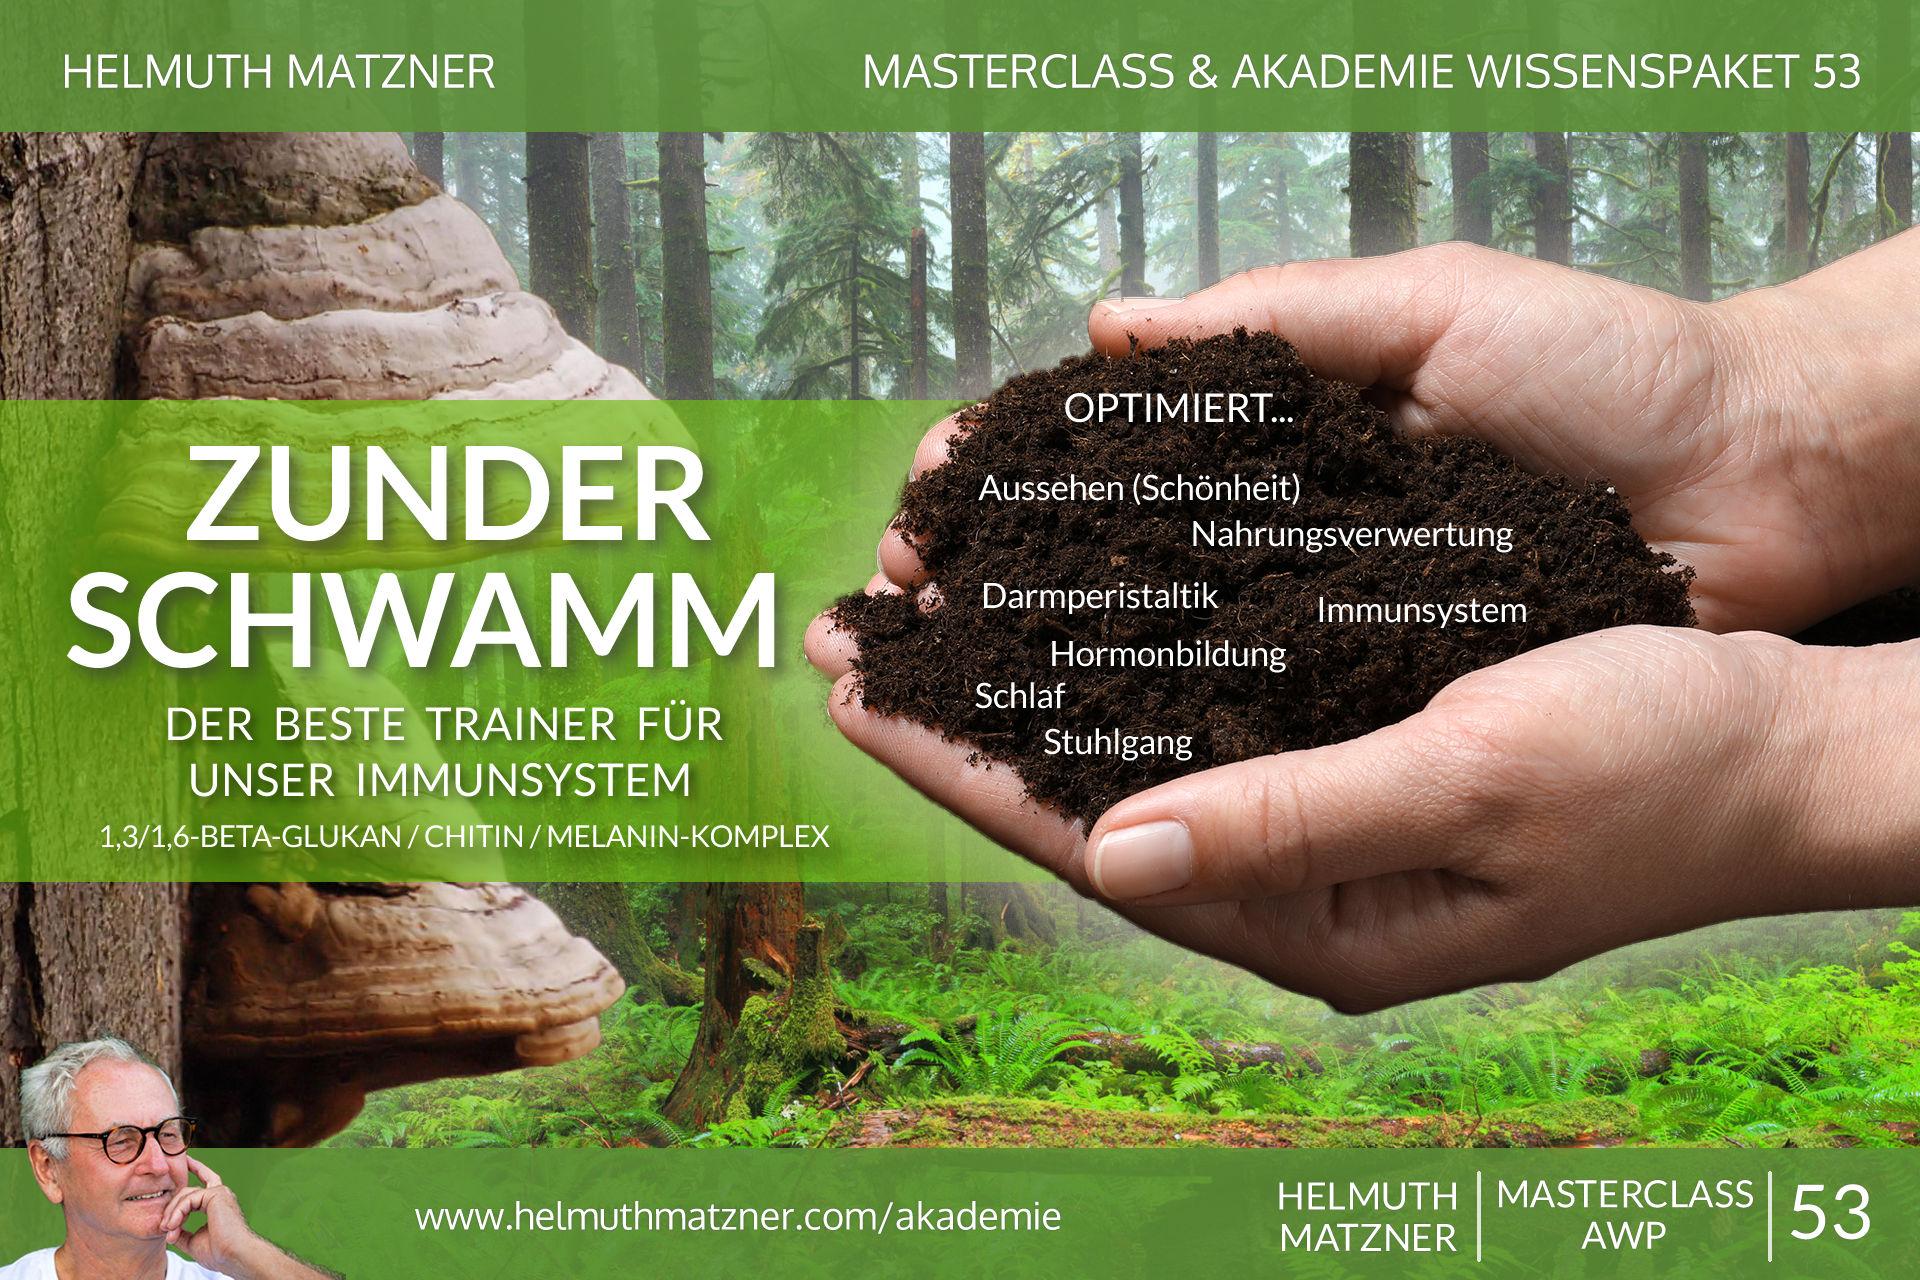 Helmuth Matzner - Masterclass & Akademie Wissenspaket 53 - Zunderschwamm - AKADEMIE - v01